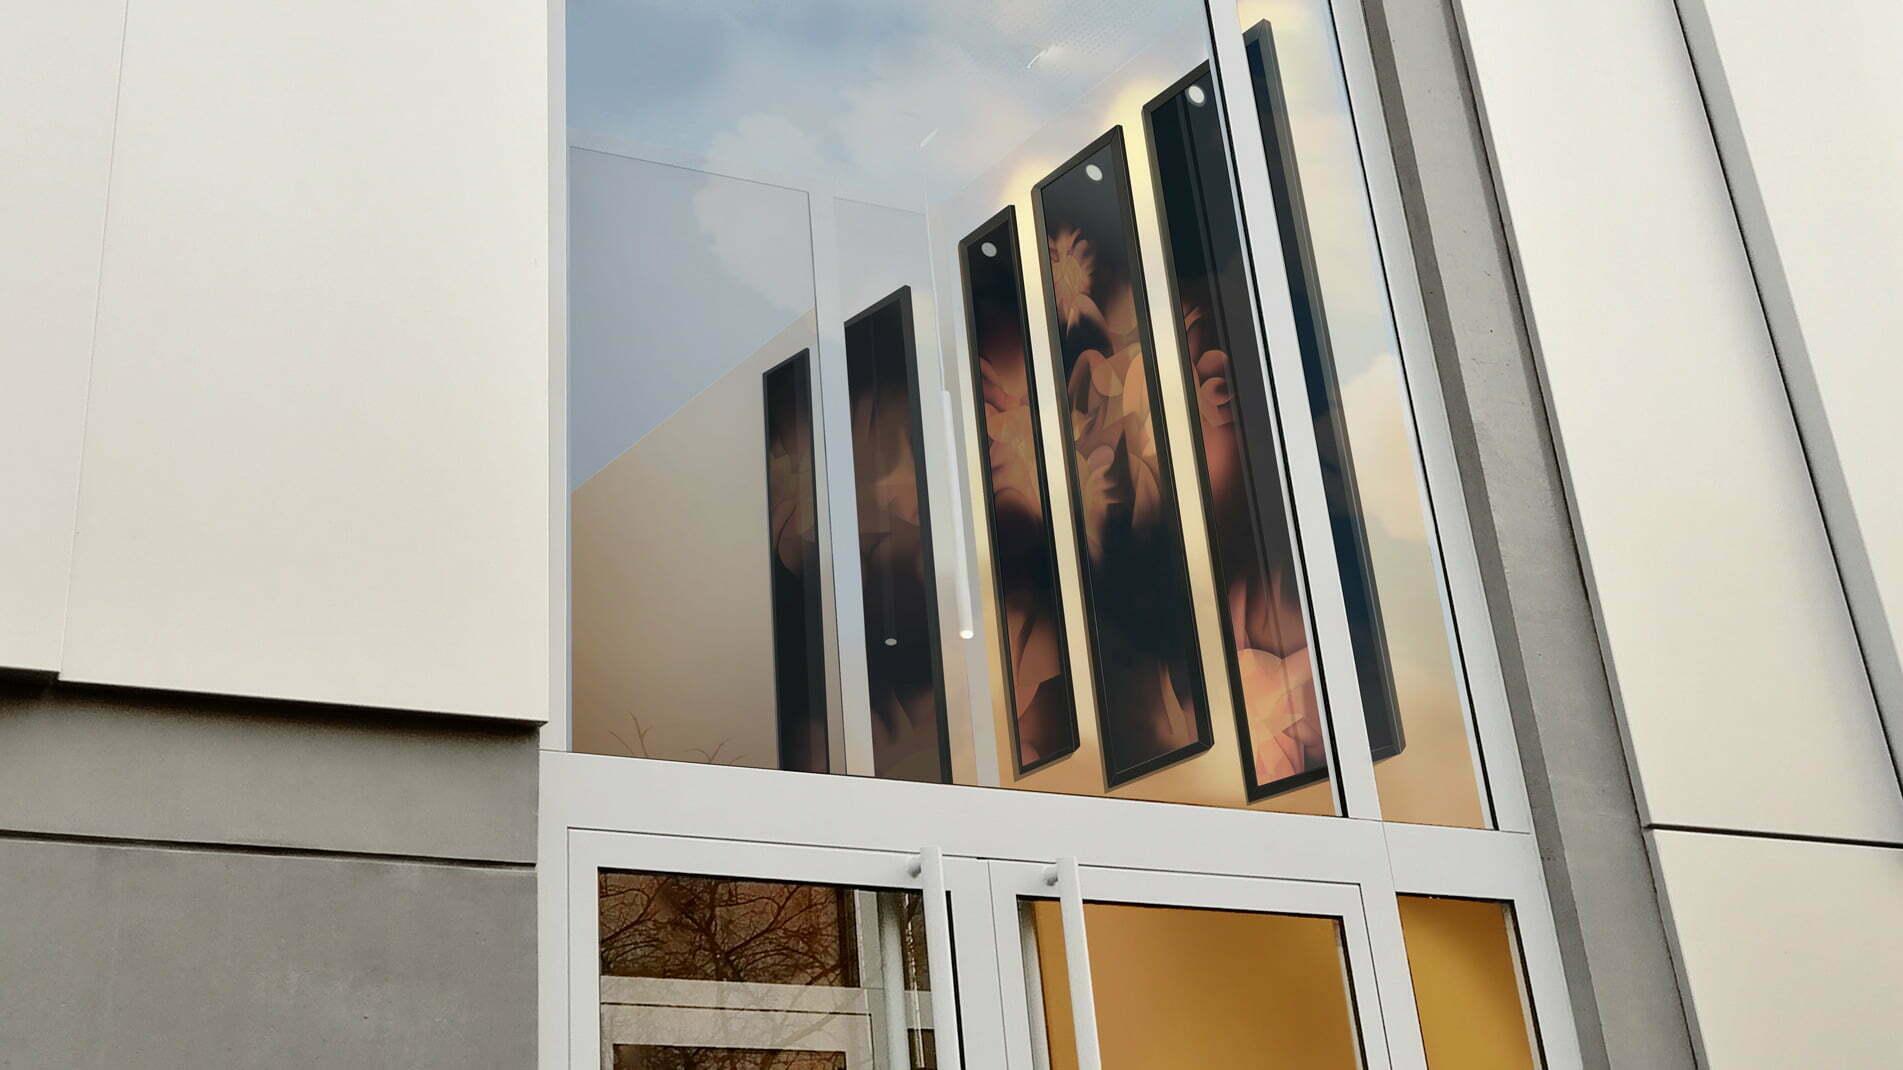 Polyptyque composé d'émaux, réalisé par l'artiste Guillaume Bottazzi pour la résidence Georges Méliès à Montreuil, vu de l'extérieur